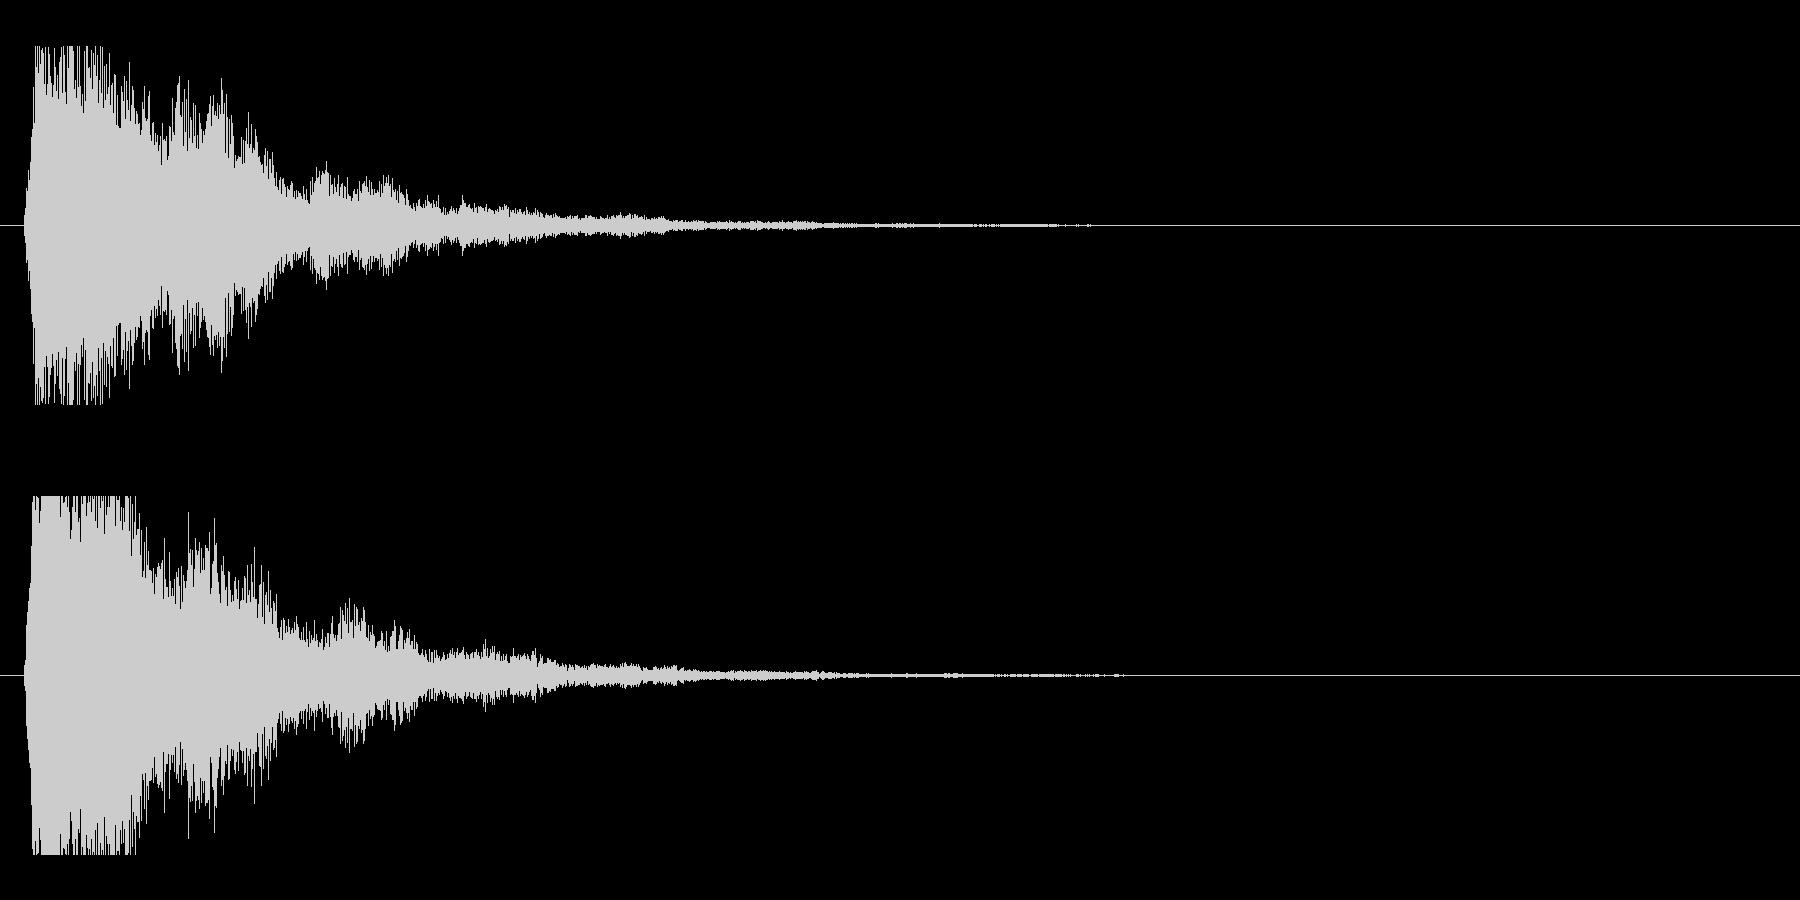 レーザー音-48-2の未再生の波形